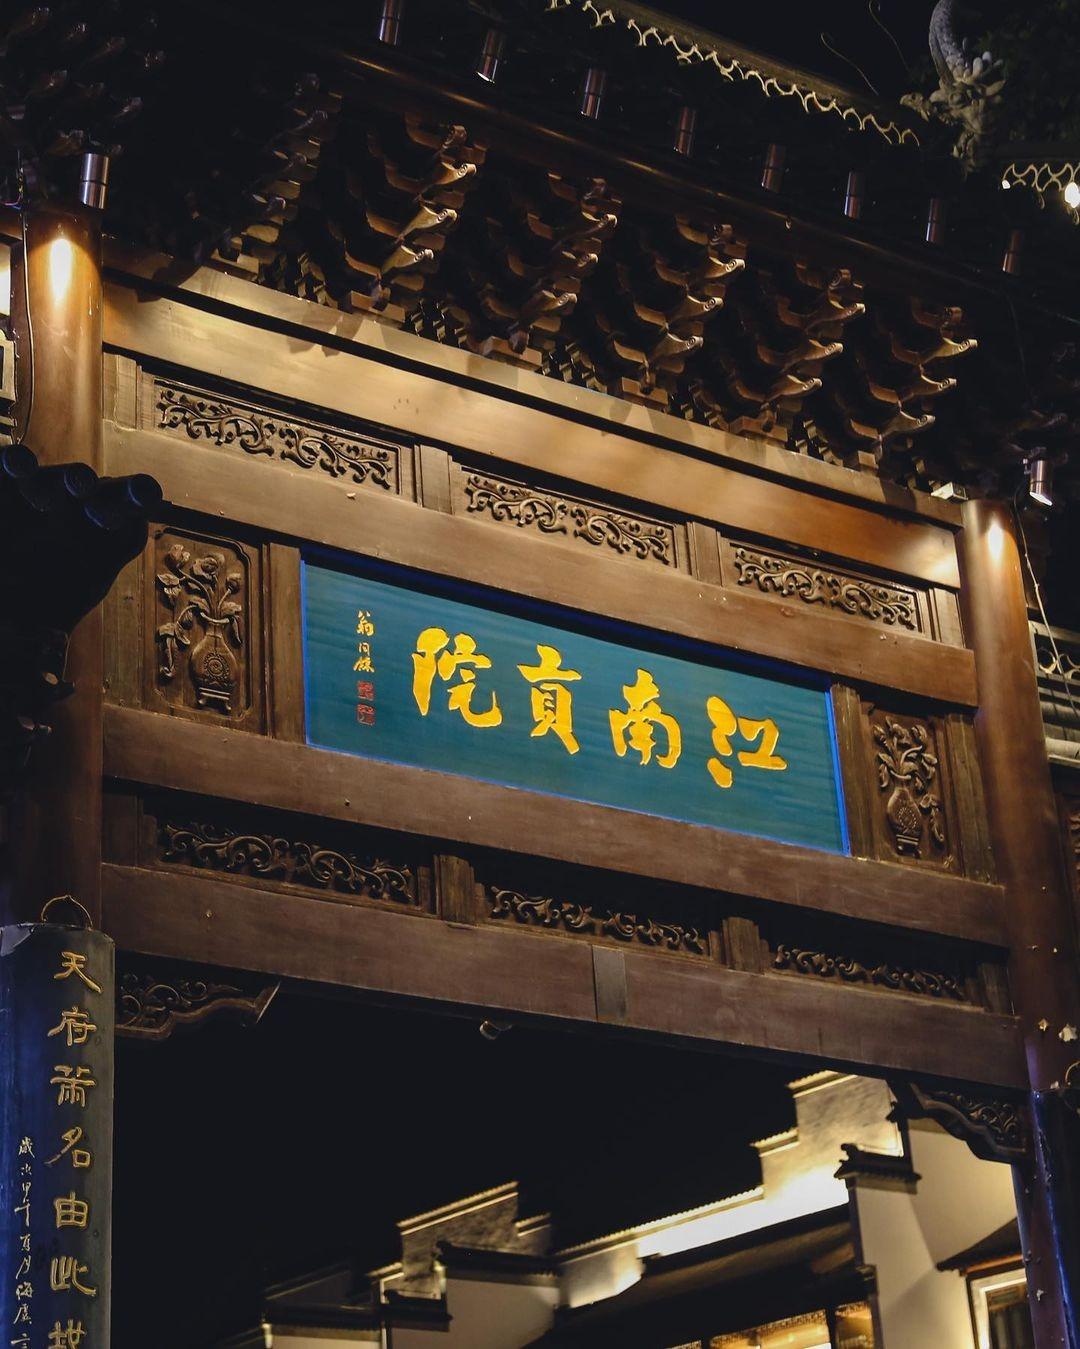 當代中國-中國旅遊-中國文化-江蘇-南京-夫子廟-江南貢院-內地高考-科舉-2